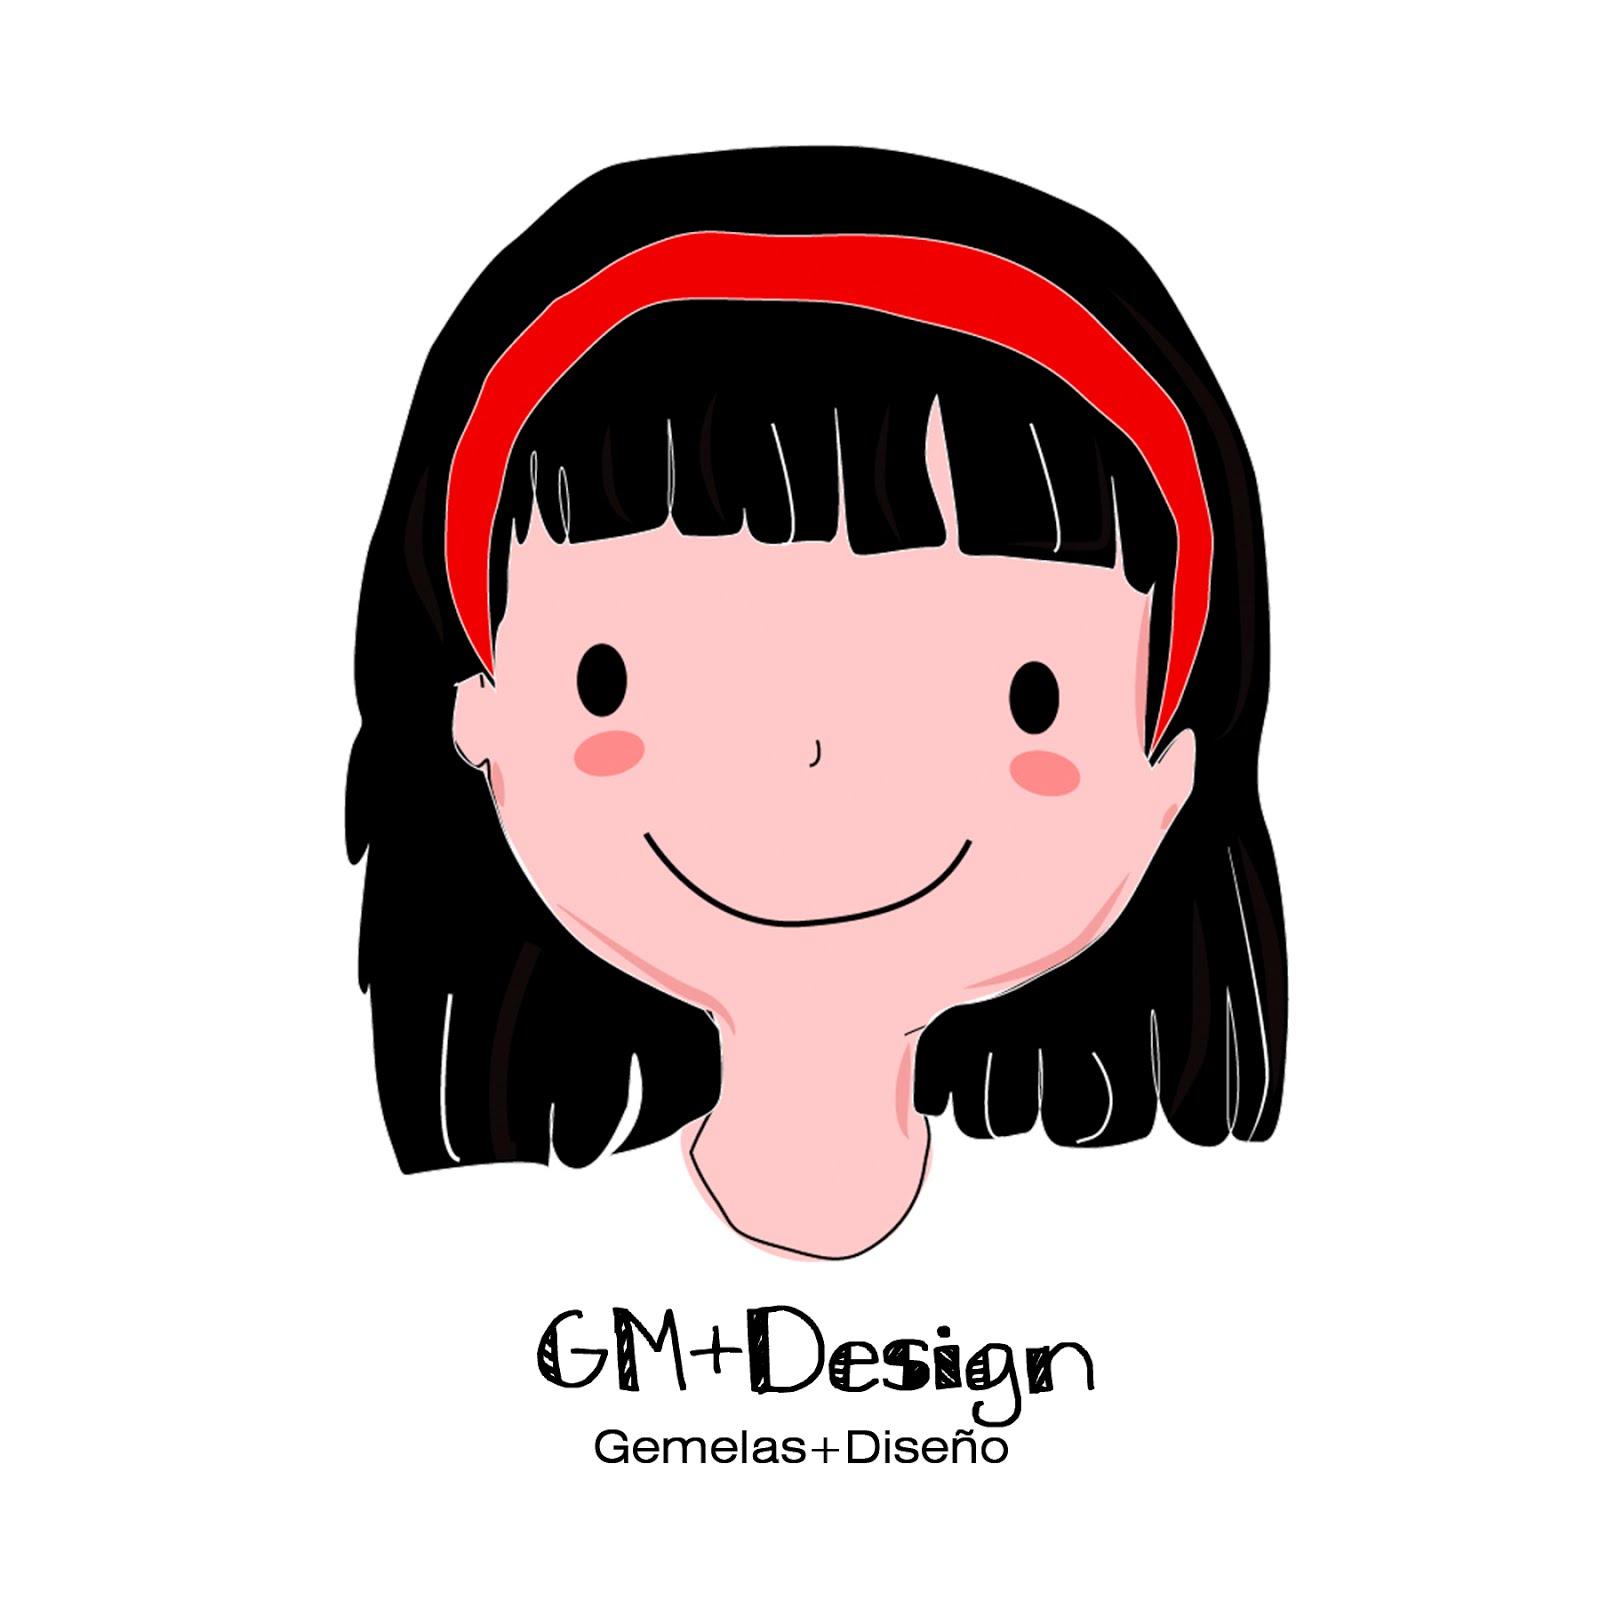 GM+Desing